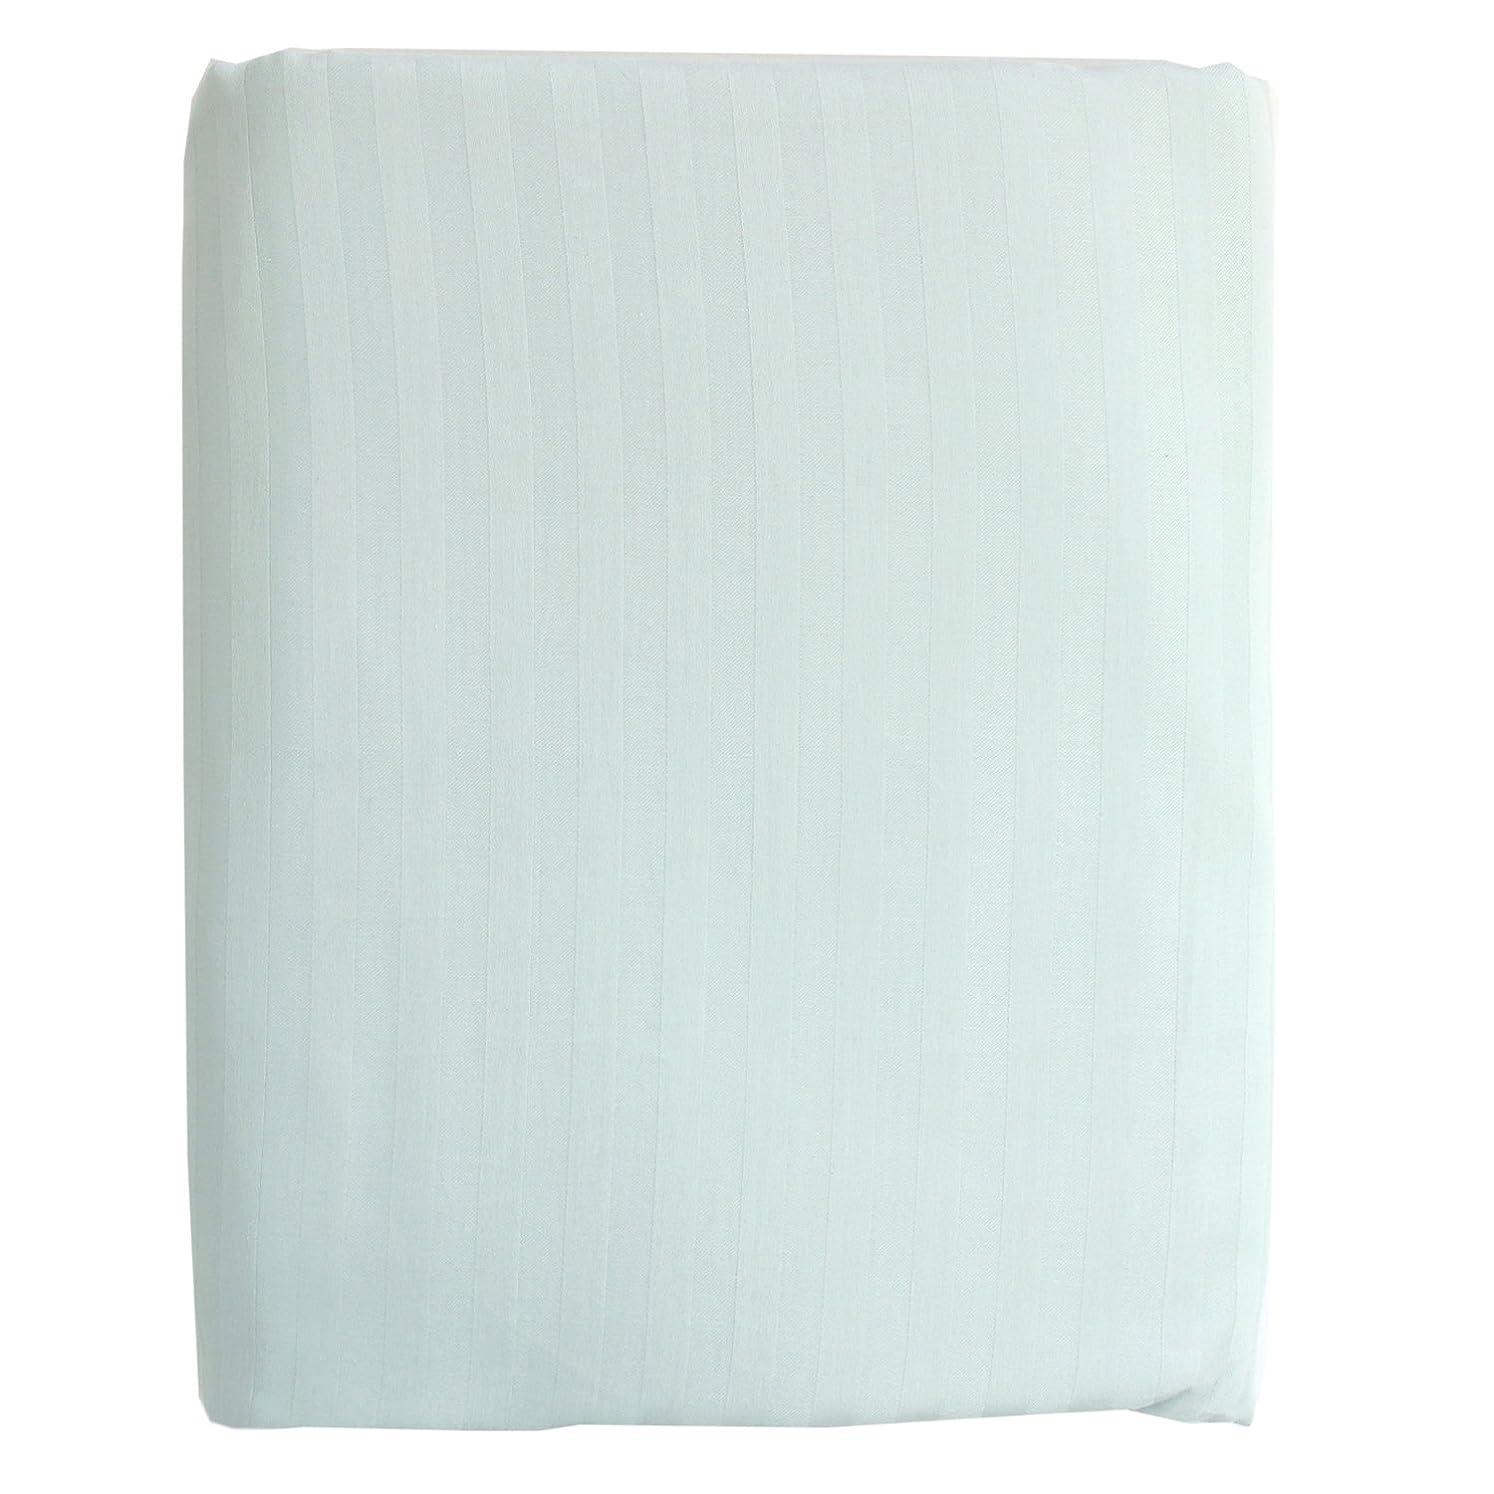 メッセンジャー大気公使館メリーナイト 綿100% サテン織り 敷布団カバー 「ストライプ」 シングルロング サックス MC34013-76